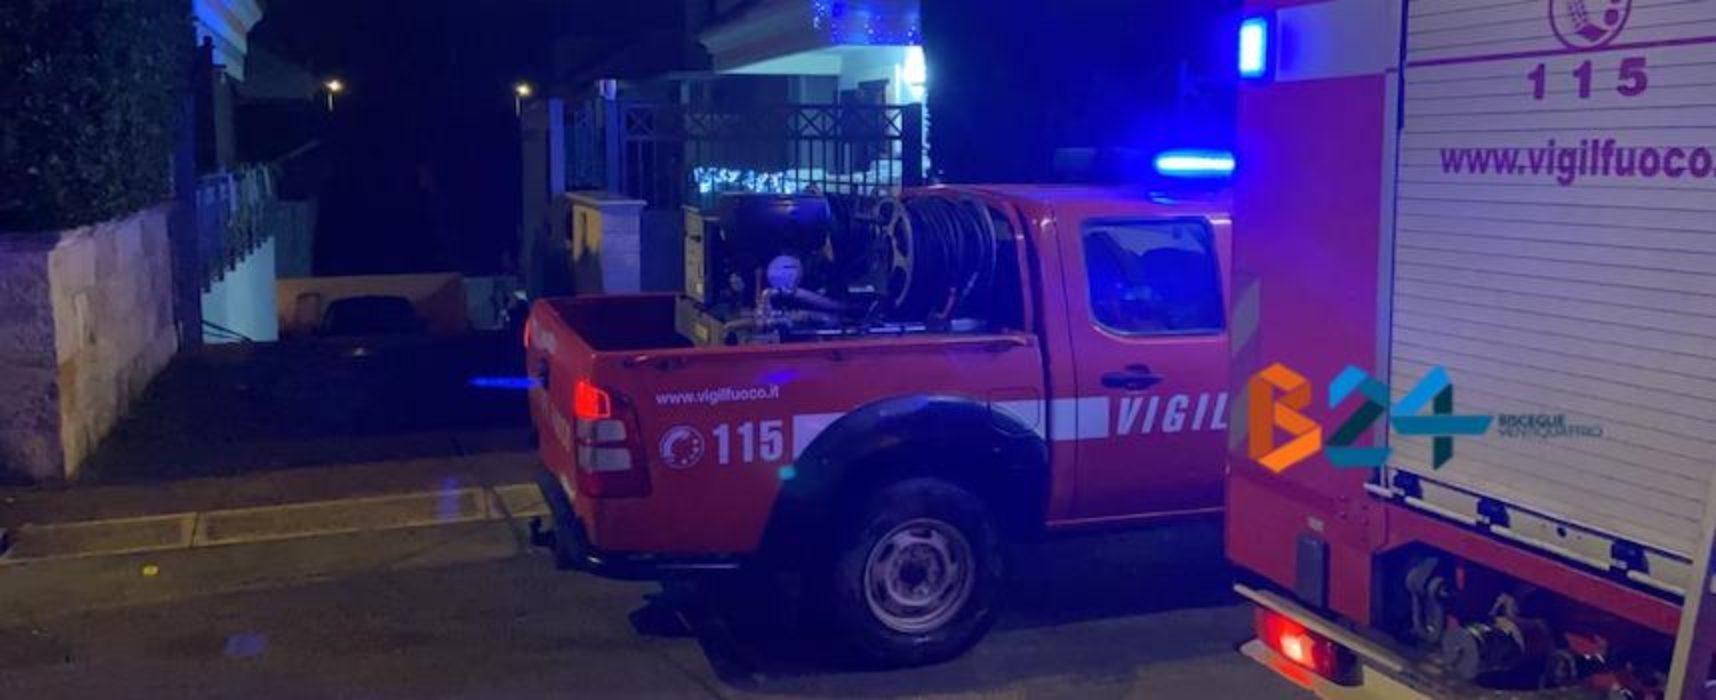 Box in fiamme in via degli Aragonesi, intervengono i Vigili del Fuoco